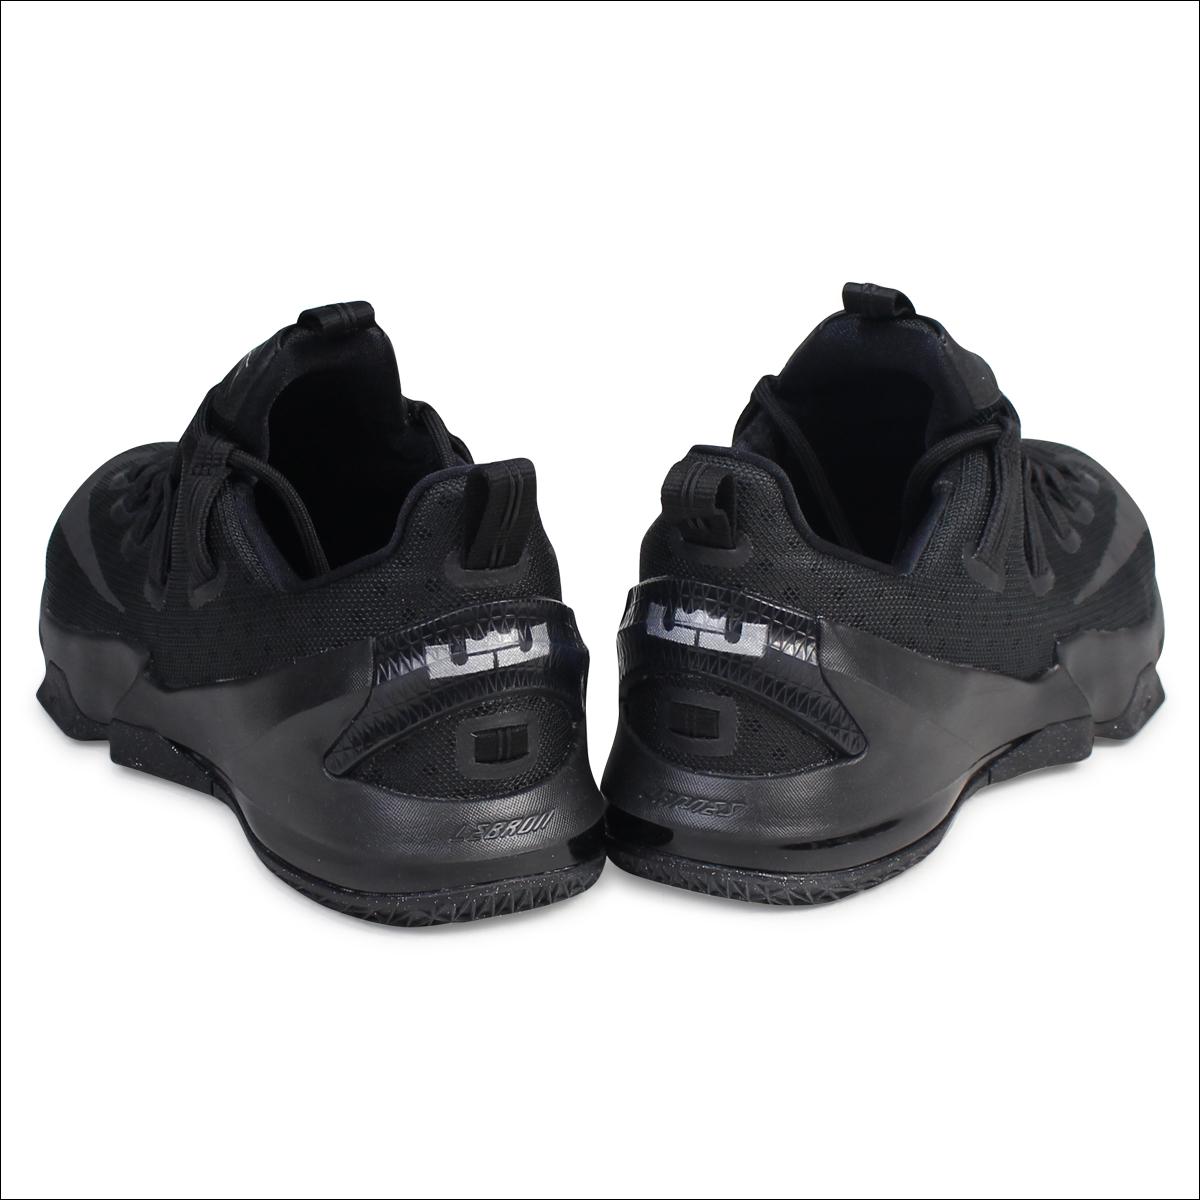 a87a3726e3edf ALLSPORTS  NIKE Nike Revlon 13 sneakers LEBRON 13 LOW EP 831